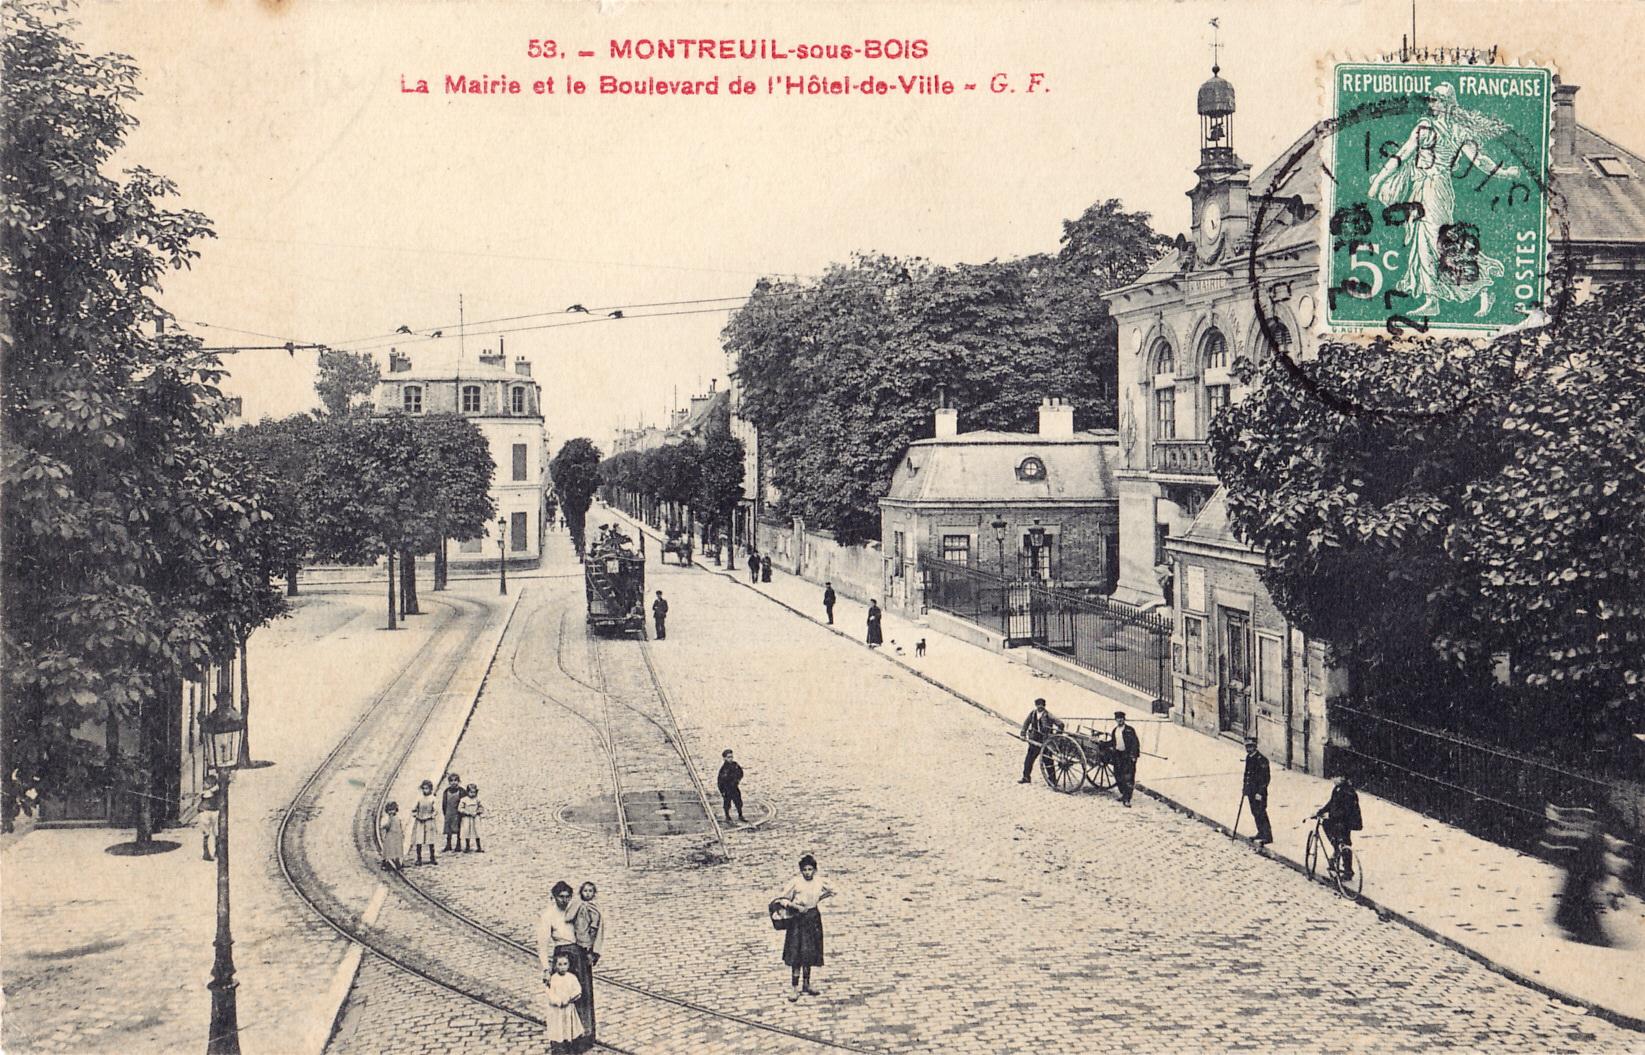 Commissariat De Clichy Sous Bois - Commissariat De Montreuil Sous Bois u2013 Myqto com